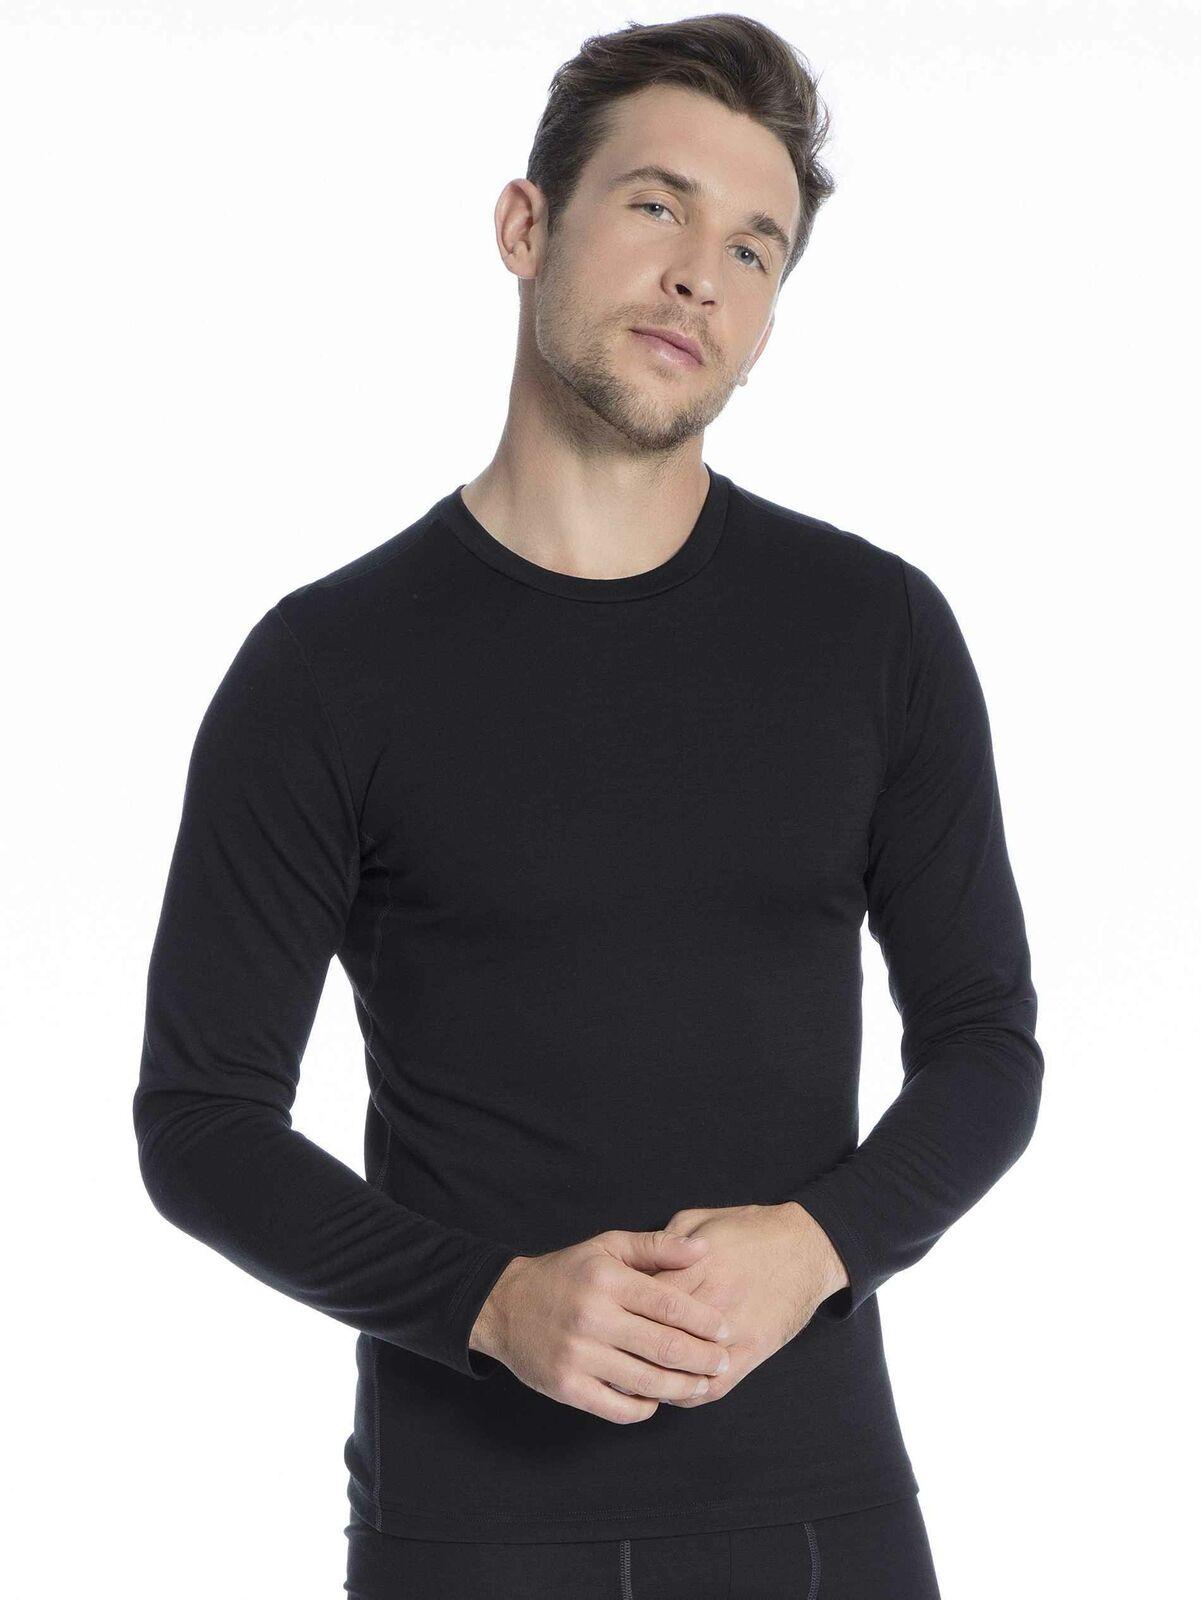 La serie de camisas de manga larga para funciones masculinas es nueva.